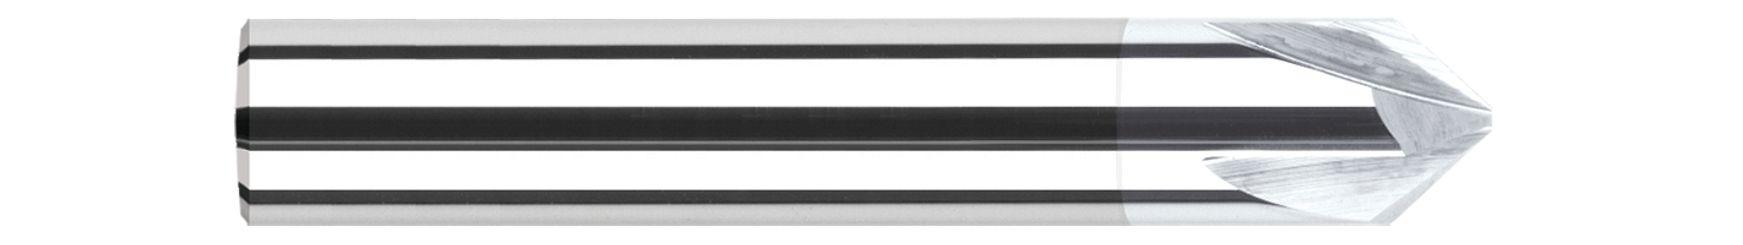 tool-details-18445-C8